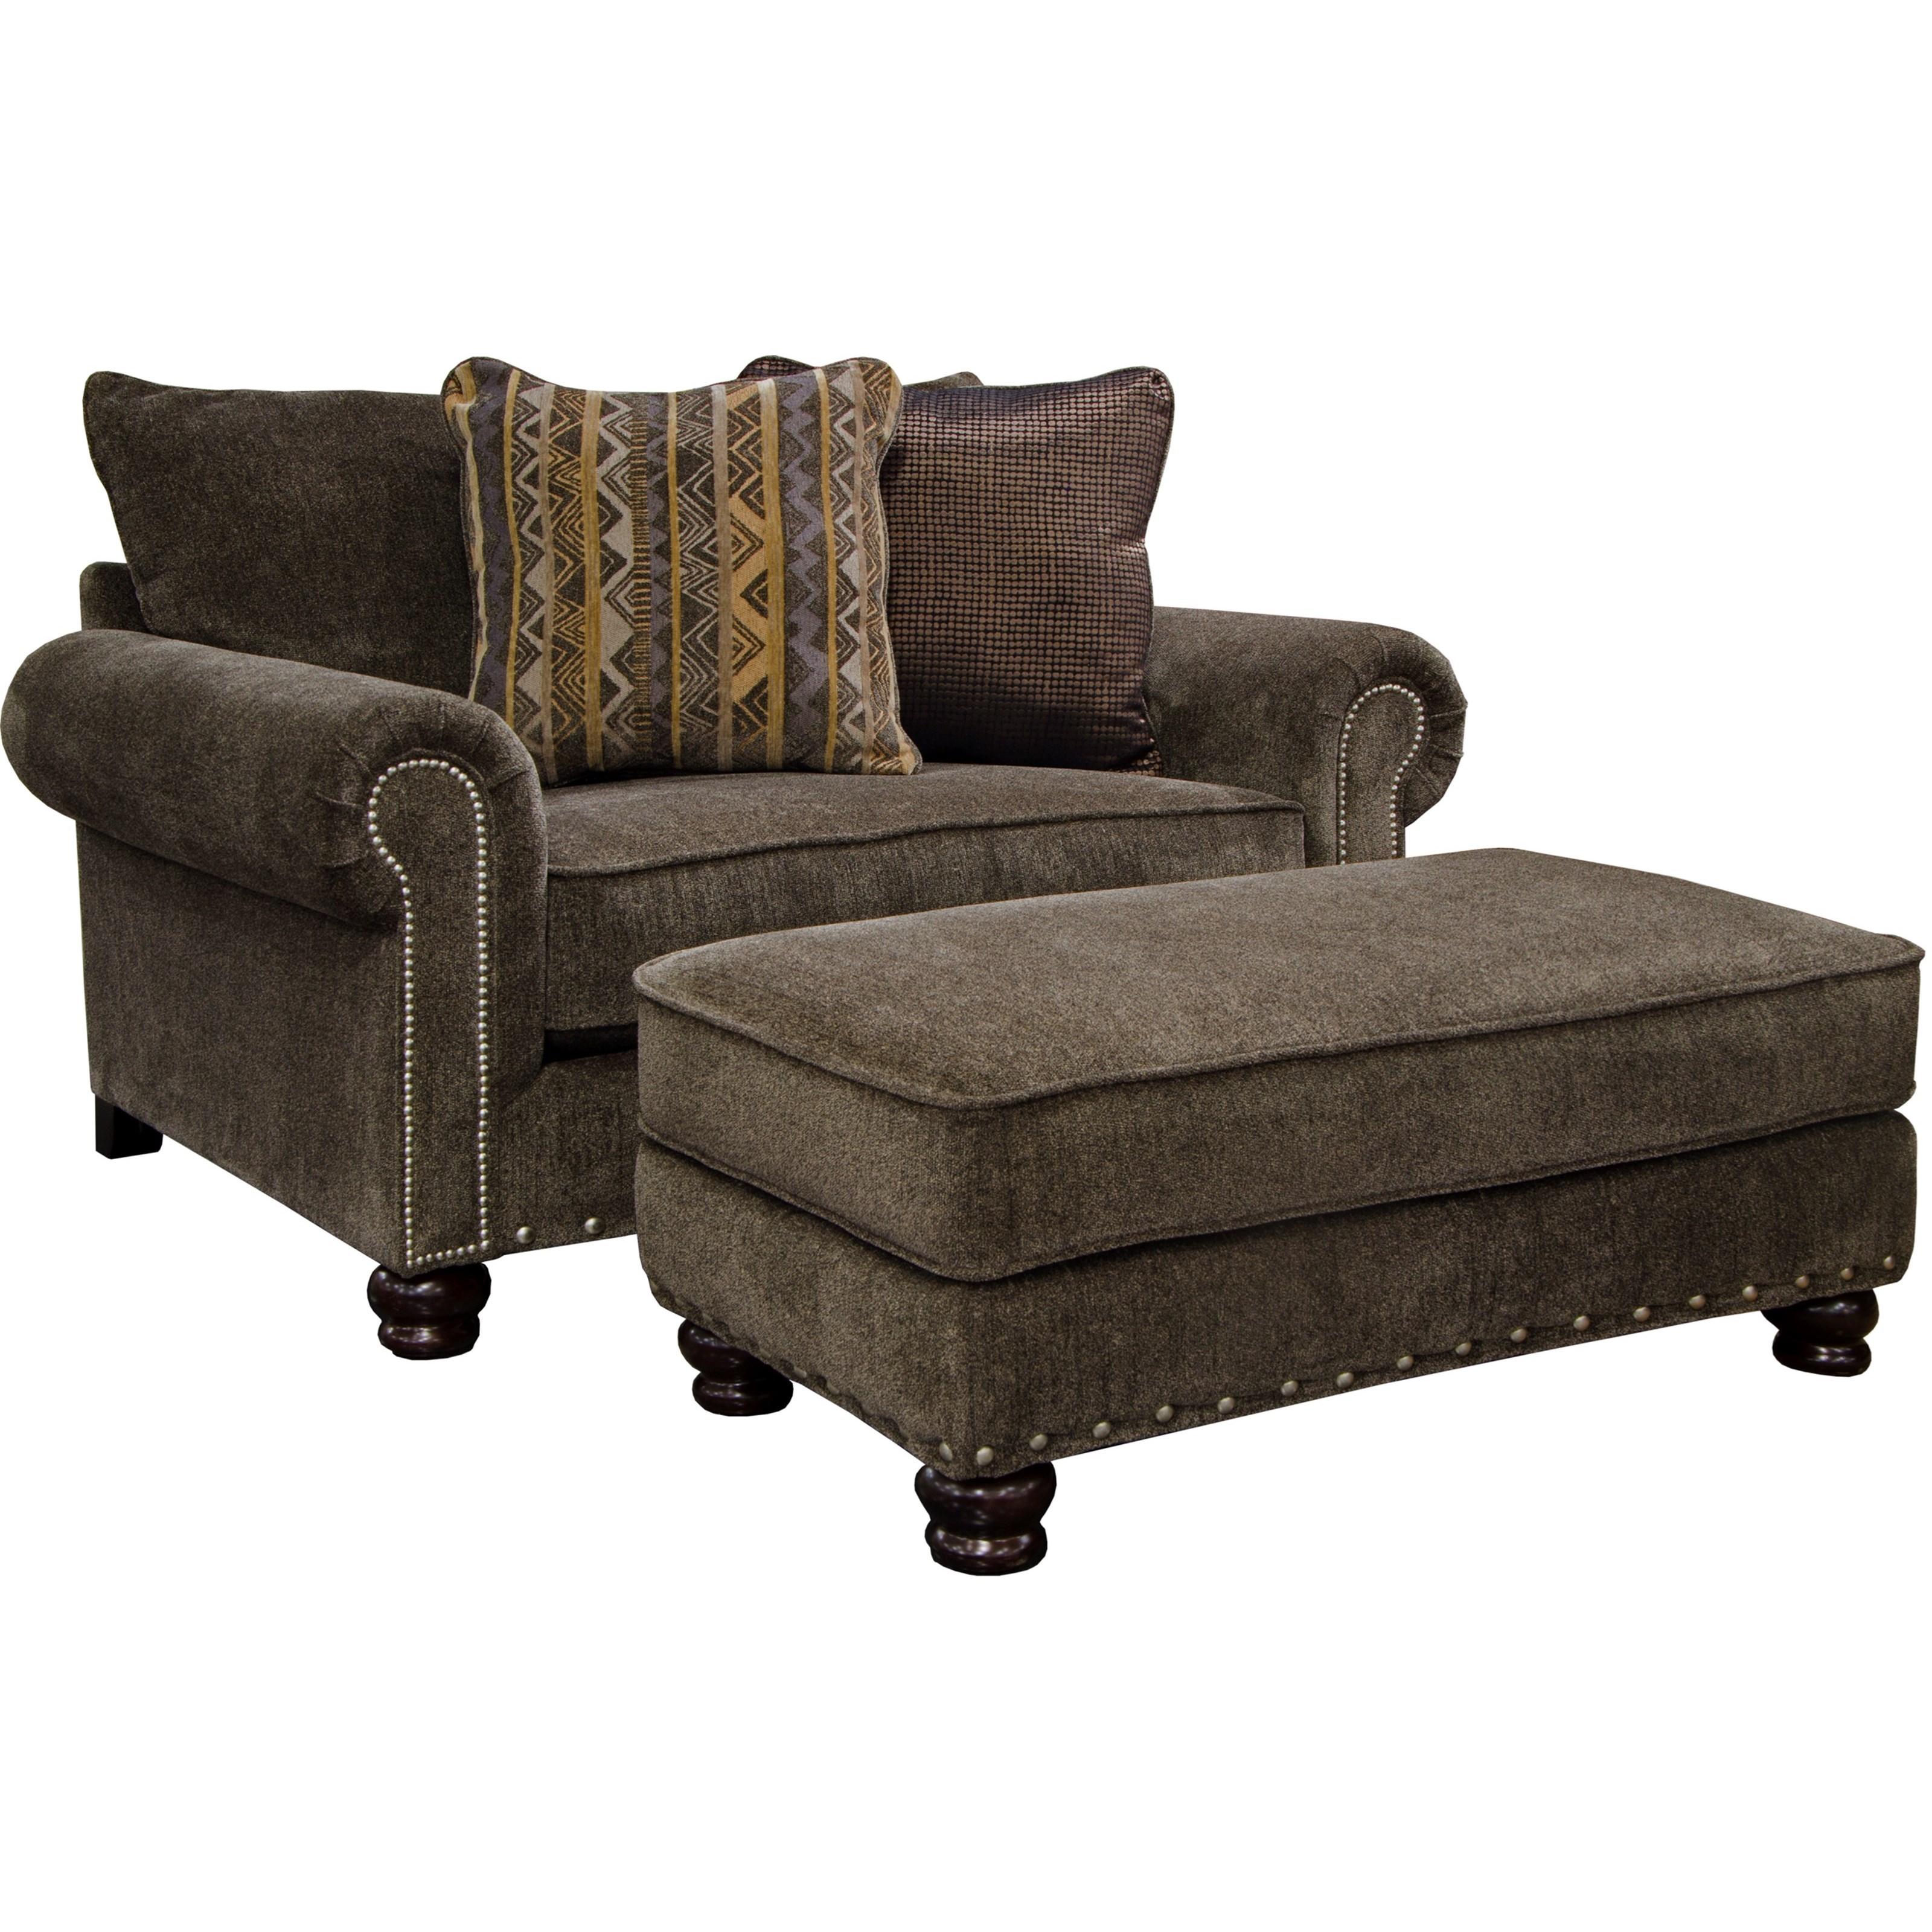 Jackson Furniture Avery Ottoman Turk Furniture Ottomans